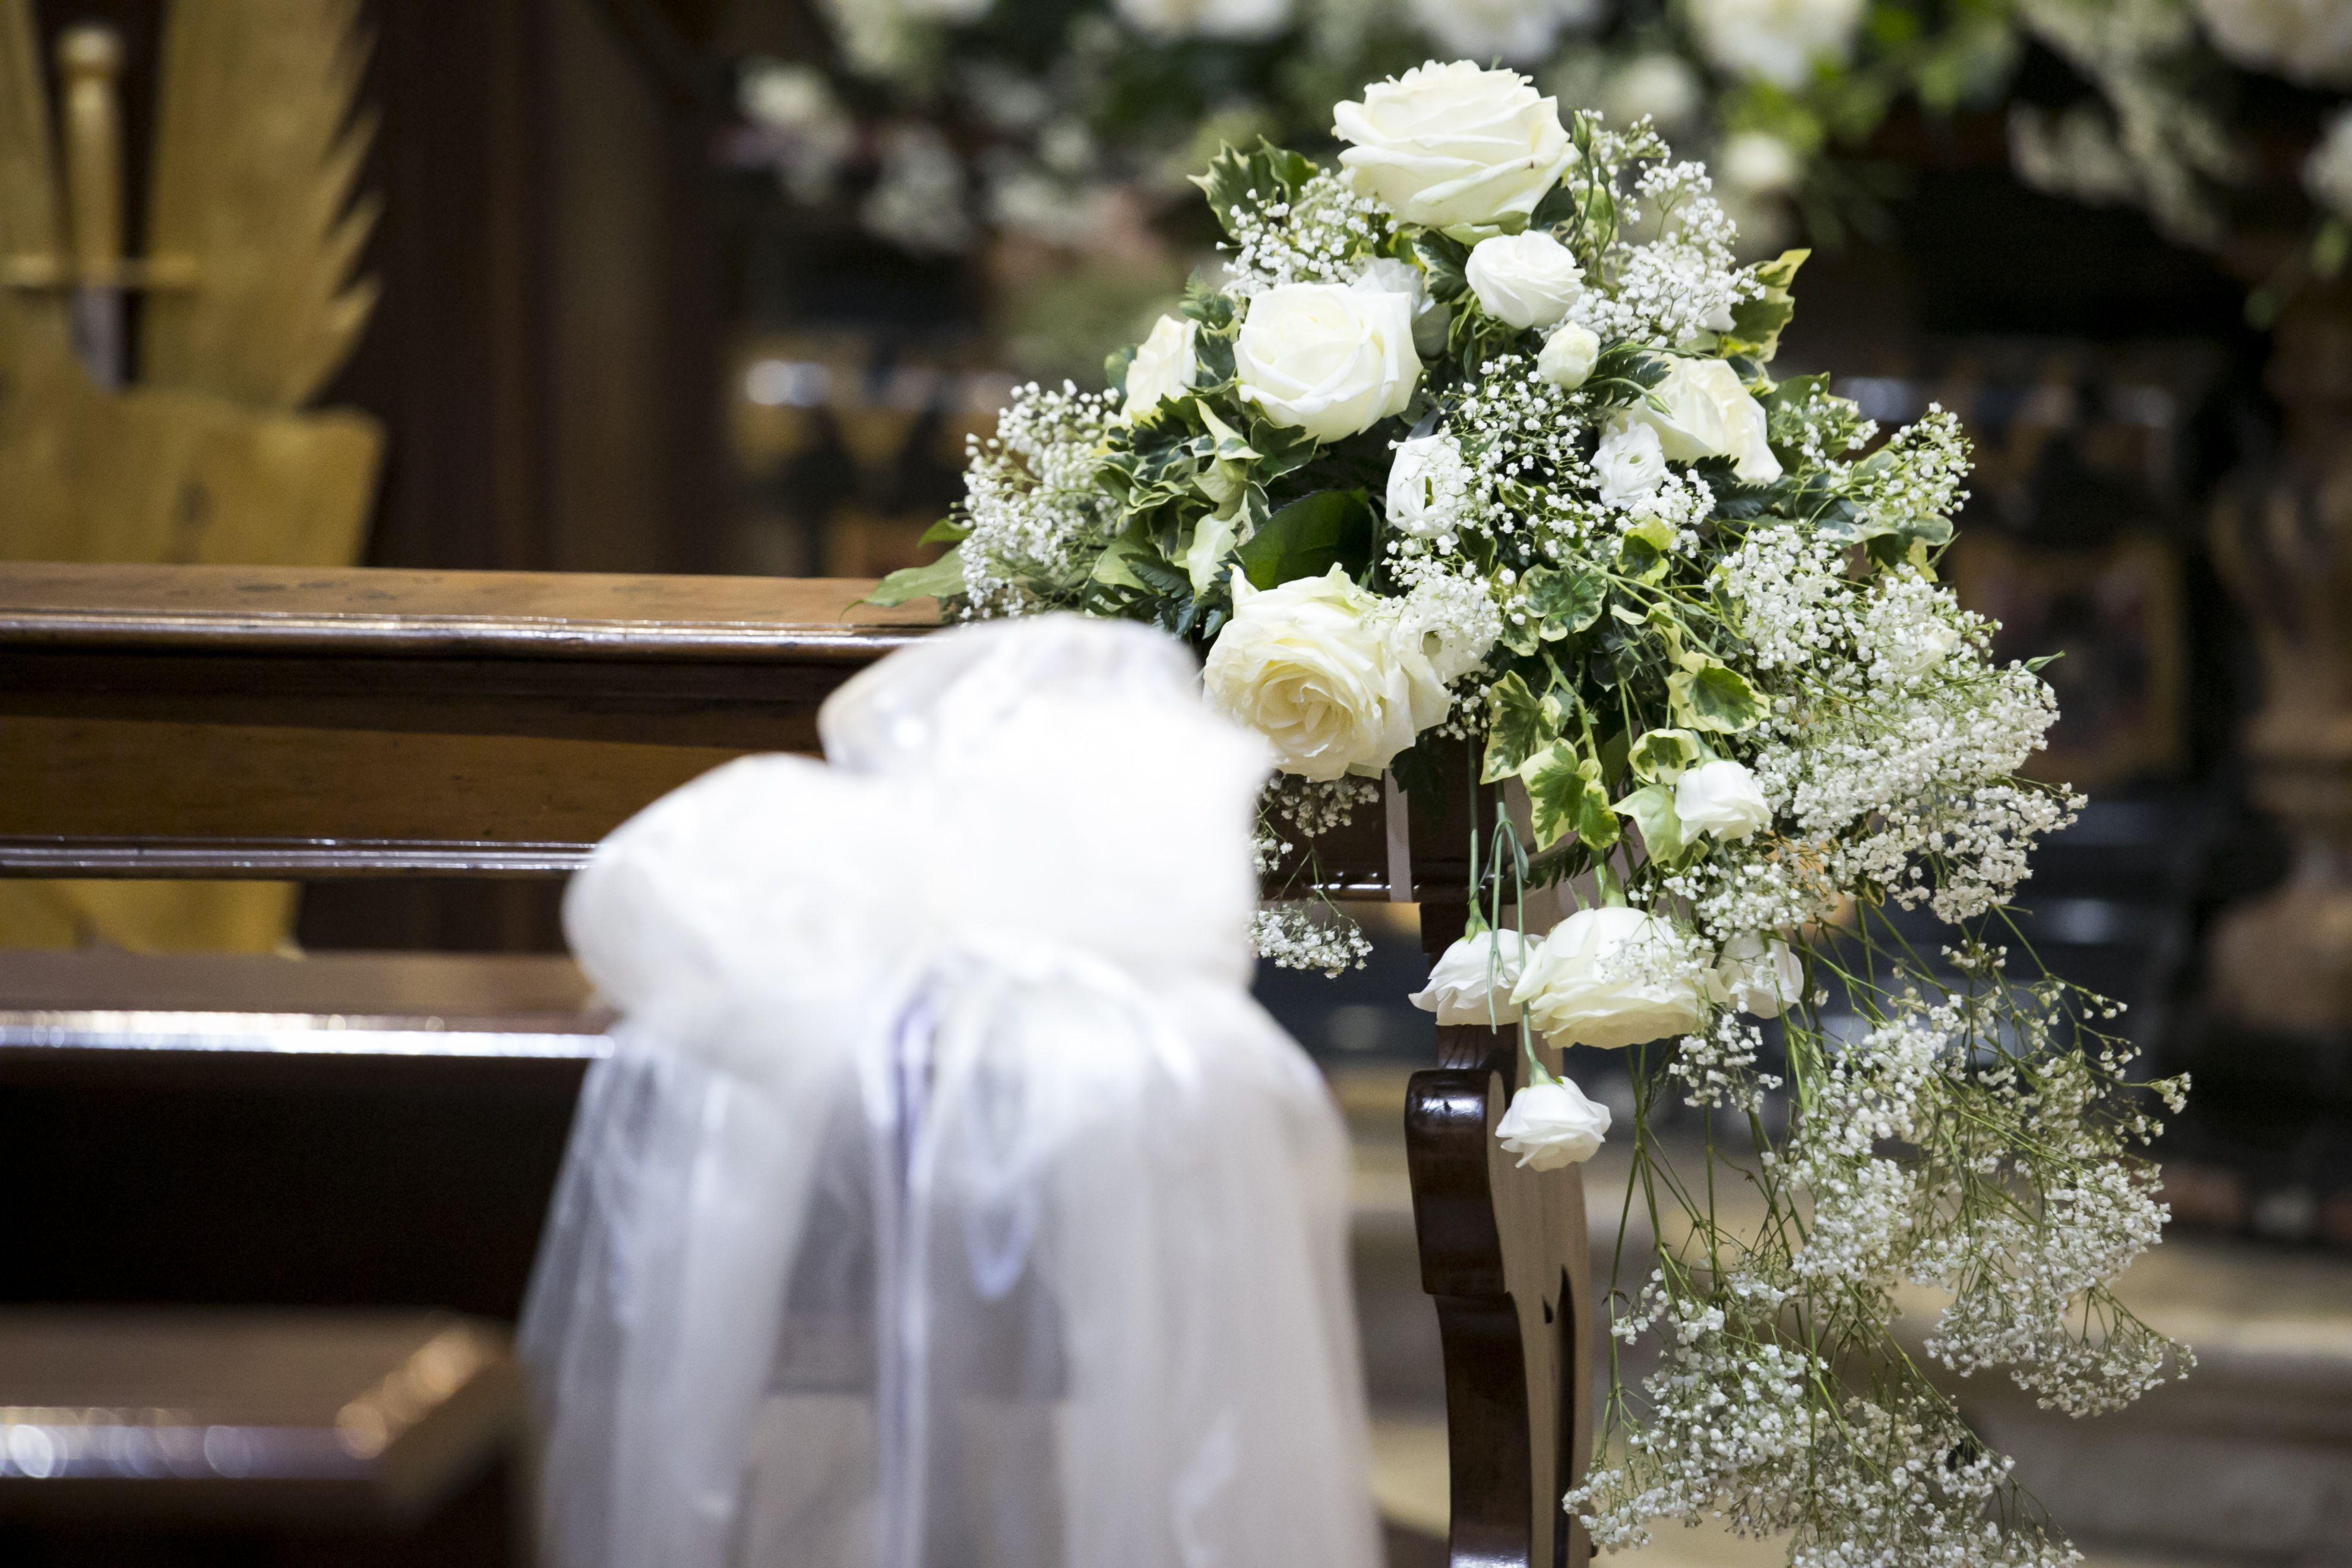 Wedding Flowers White Flowers Addobbo Chiesa Matrimonio Fiori Bianchi Fiori Bianchi Matrimonio Fiori